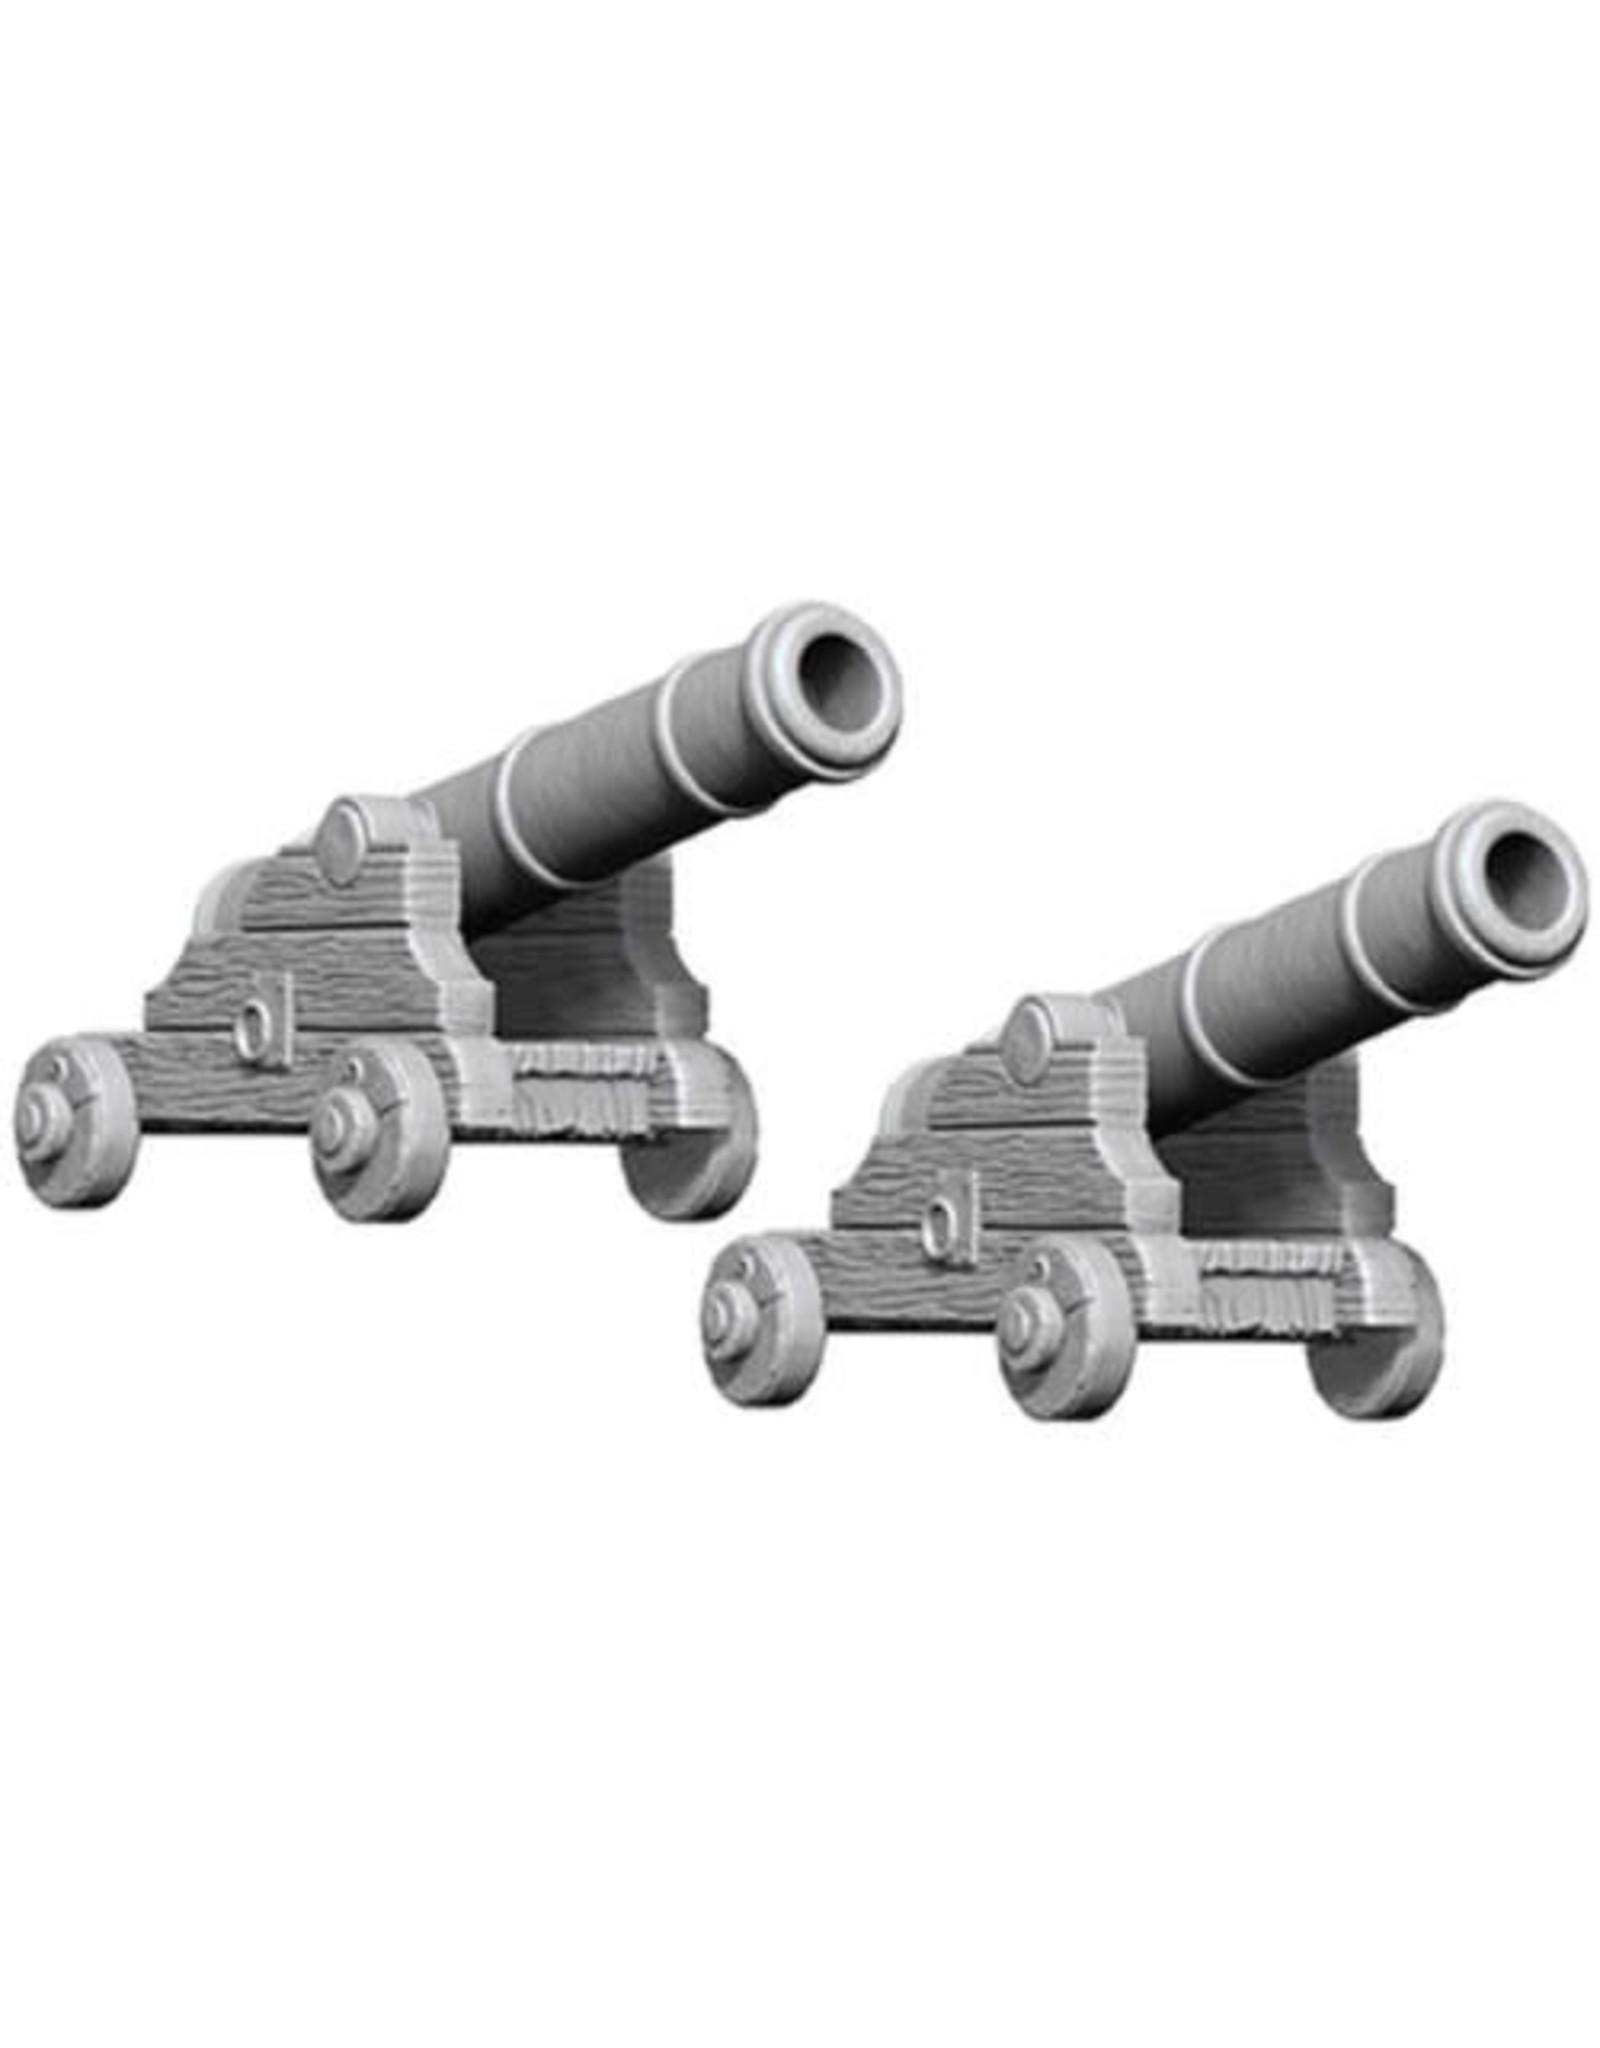 D&D Unpainted Minis: Cannons (Wave 9)